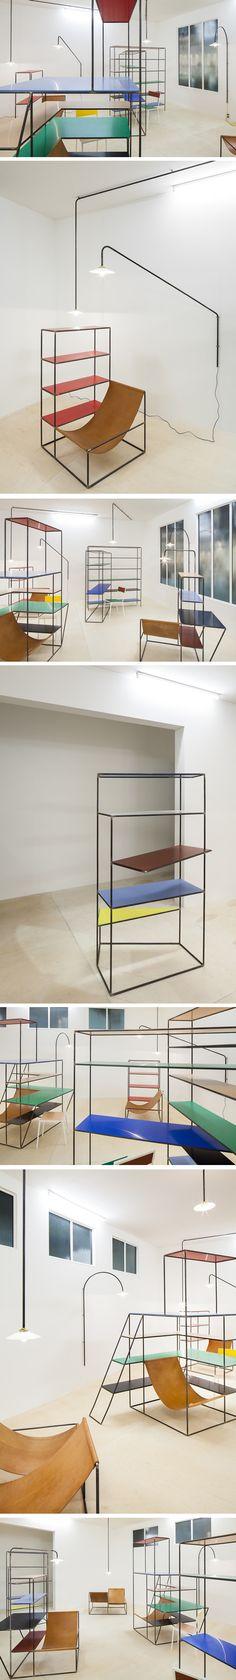 Mobilier design selon Muller Van Severen